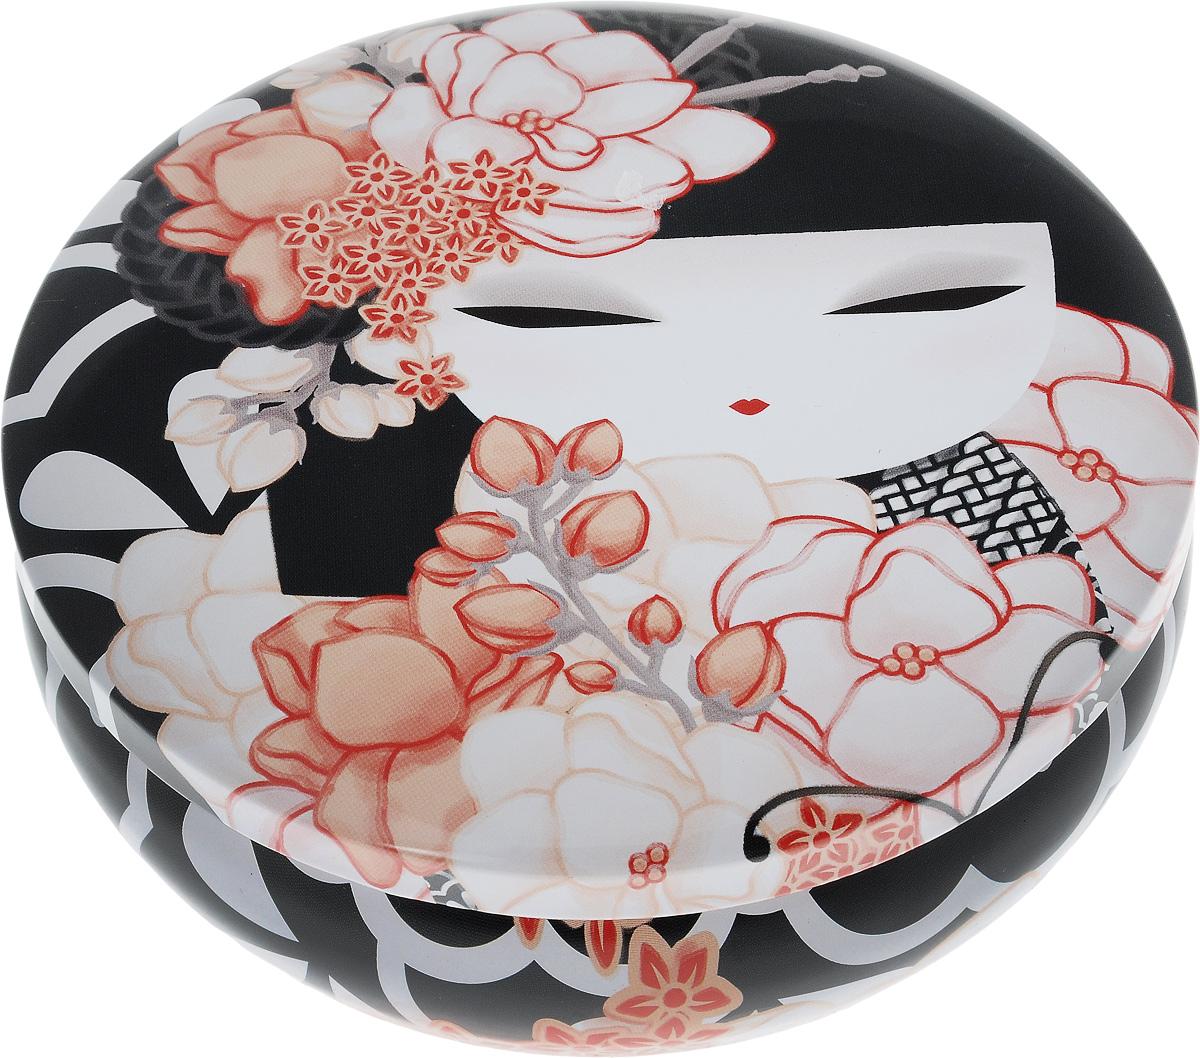 Шкатулка жестяная Kimmidoll КайоKH0977Шкатулка жестяная Kimmidoll Кайо изготовлена из жести и оформлена изображением японской куколки кокеши. Шкатулка содержит вместительное отделение, надежно закрывающееся крышкой. Такая шкатулка не только надежно сохранит вашу бижутерию, но и станет необычным украшением интерьера. Размер: 13,5 x 13,5 x 4,5 см.